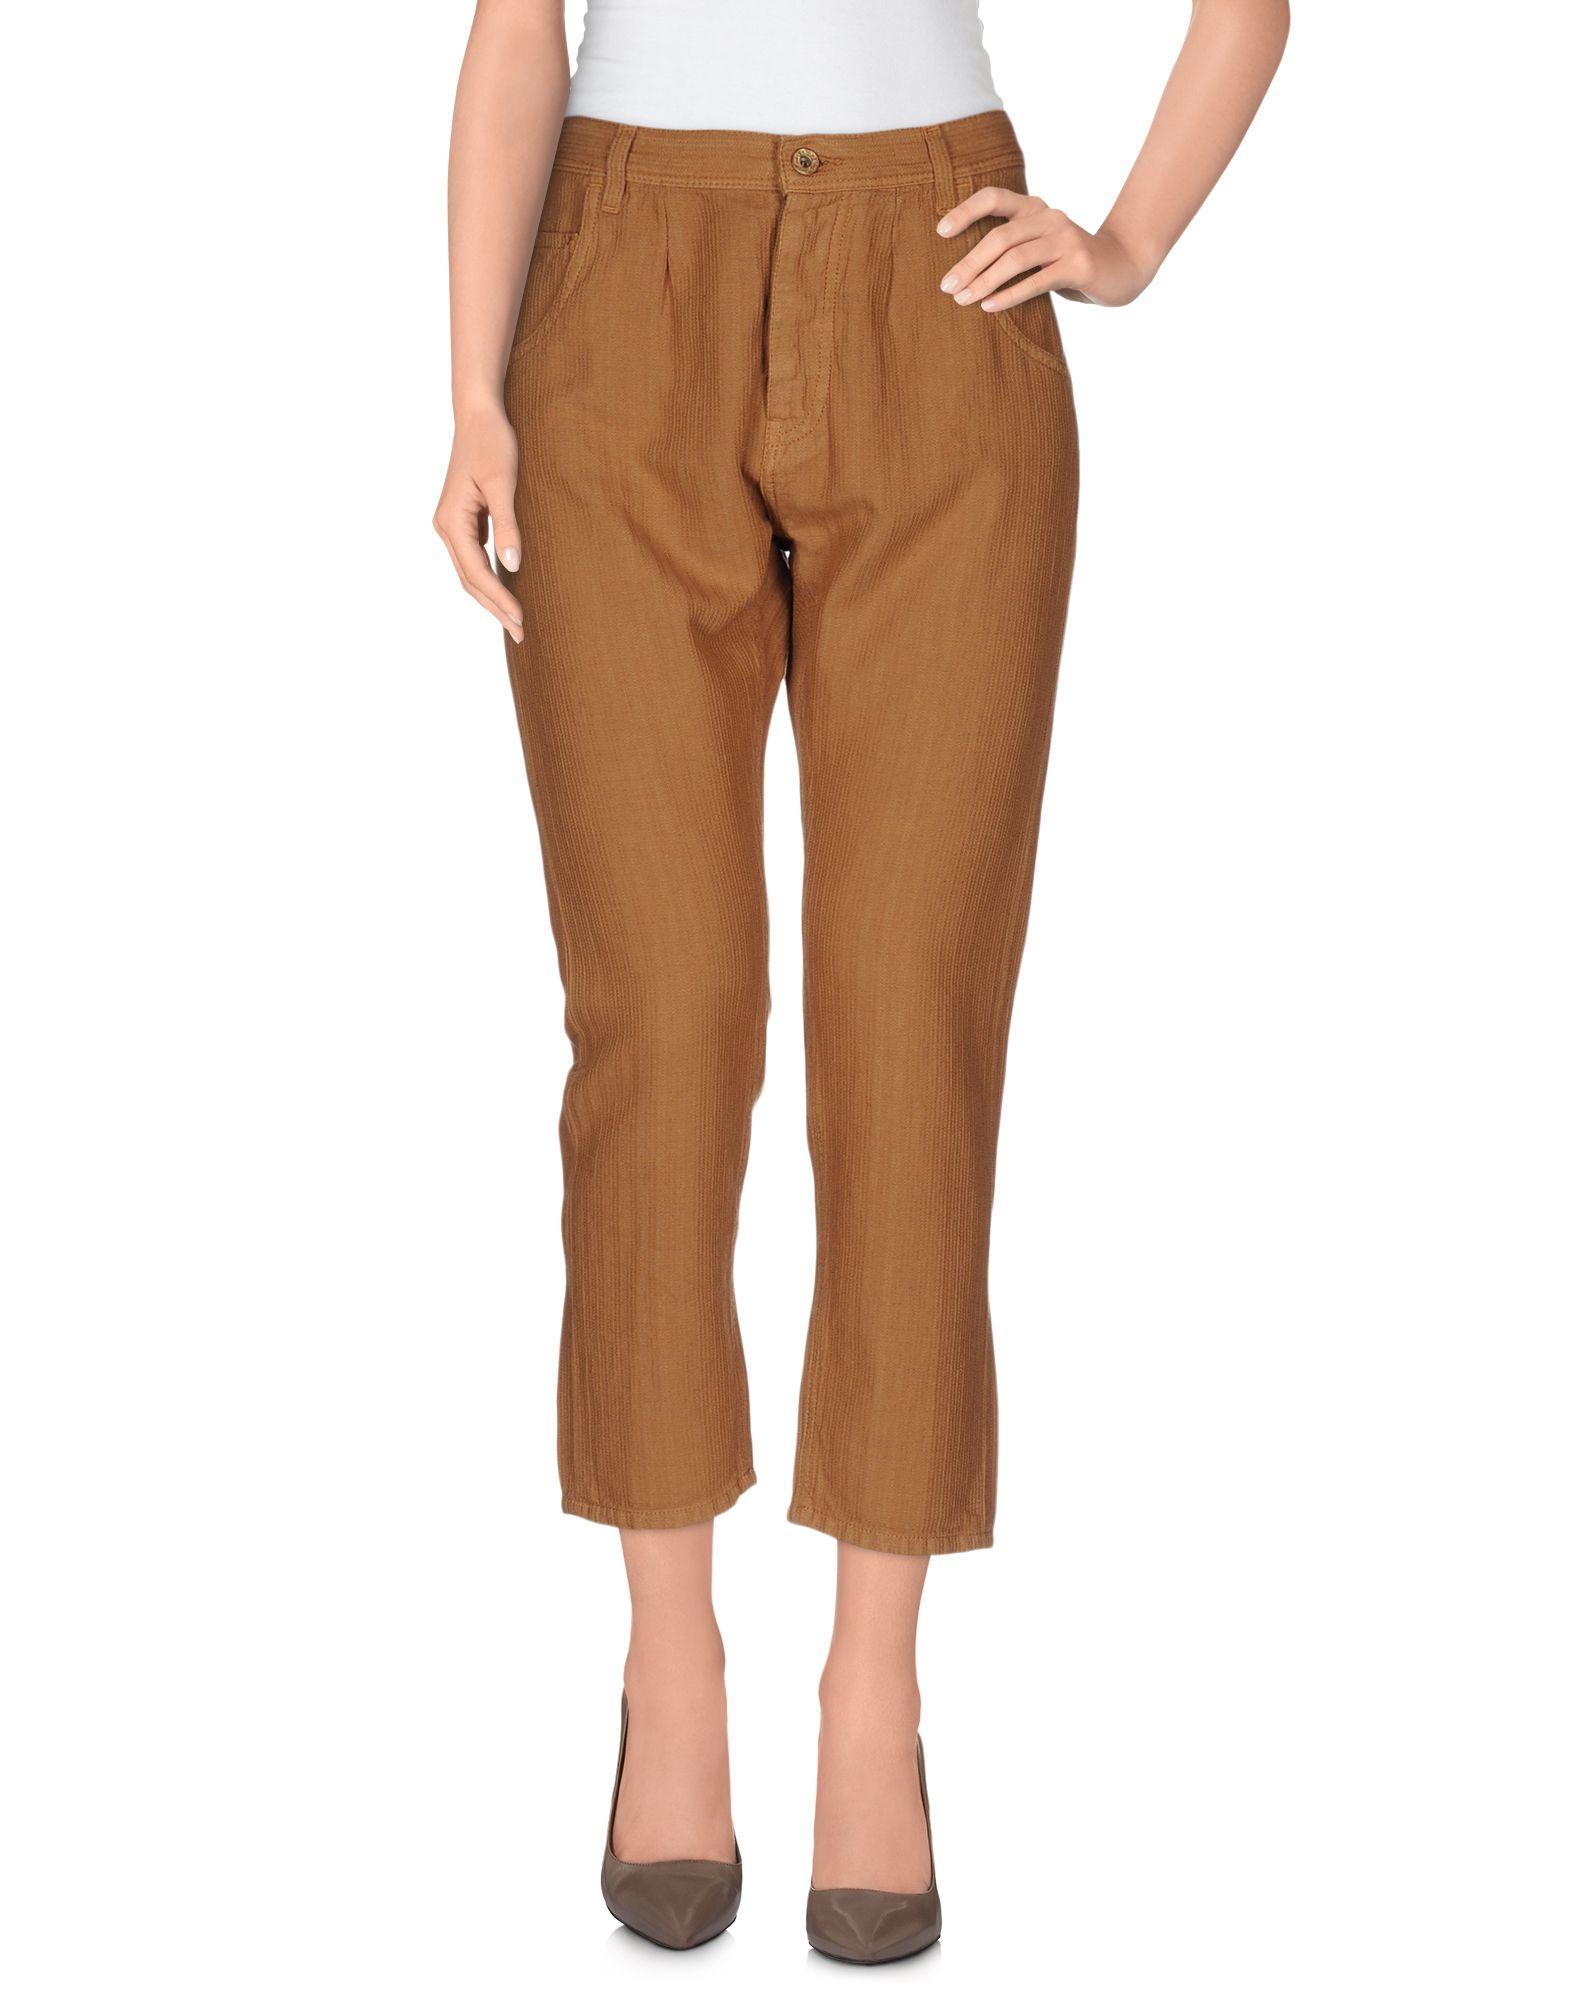 Brilliant Khaki Women39s Pants For Travel  Packable Women39s Adventure Khaki